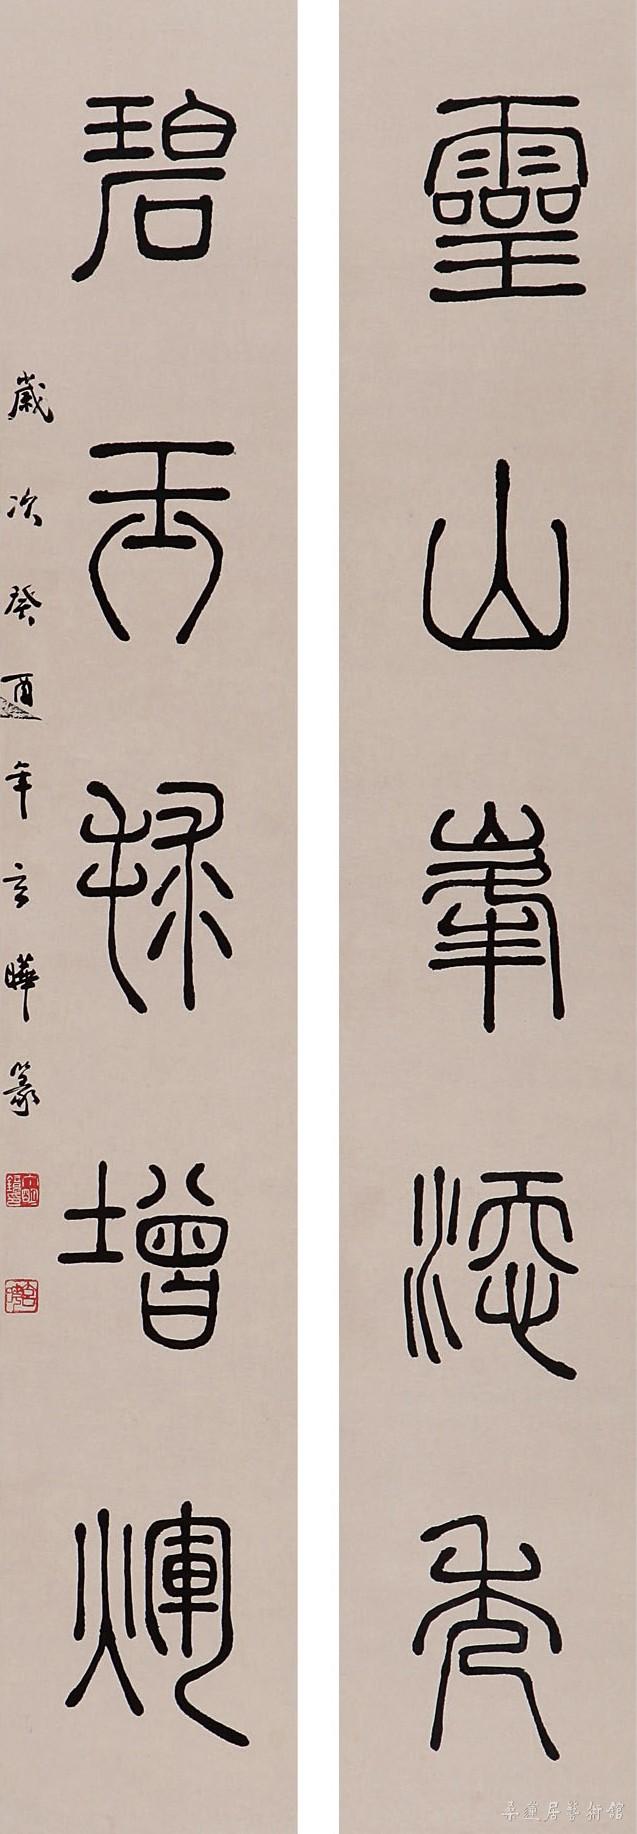 2012迎春拍 84 丁明镜 篆书五言联-1993年作 128×22cm×2 水墨纸本立轴